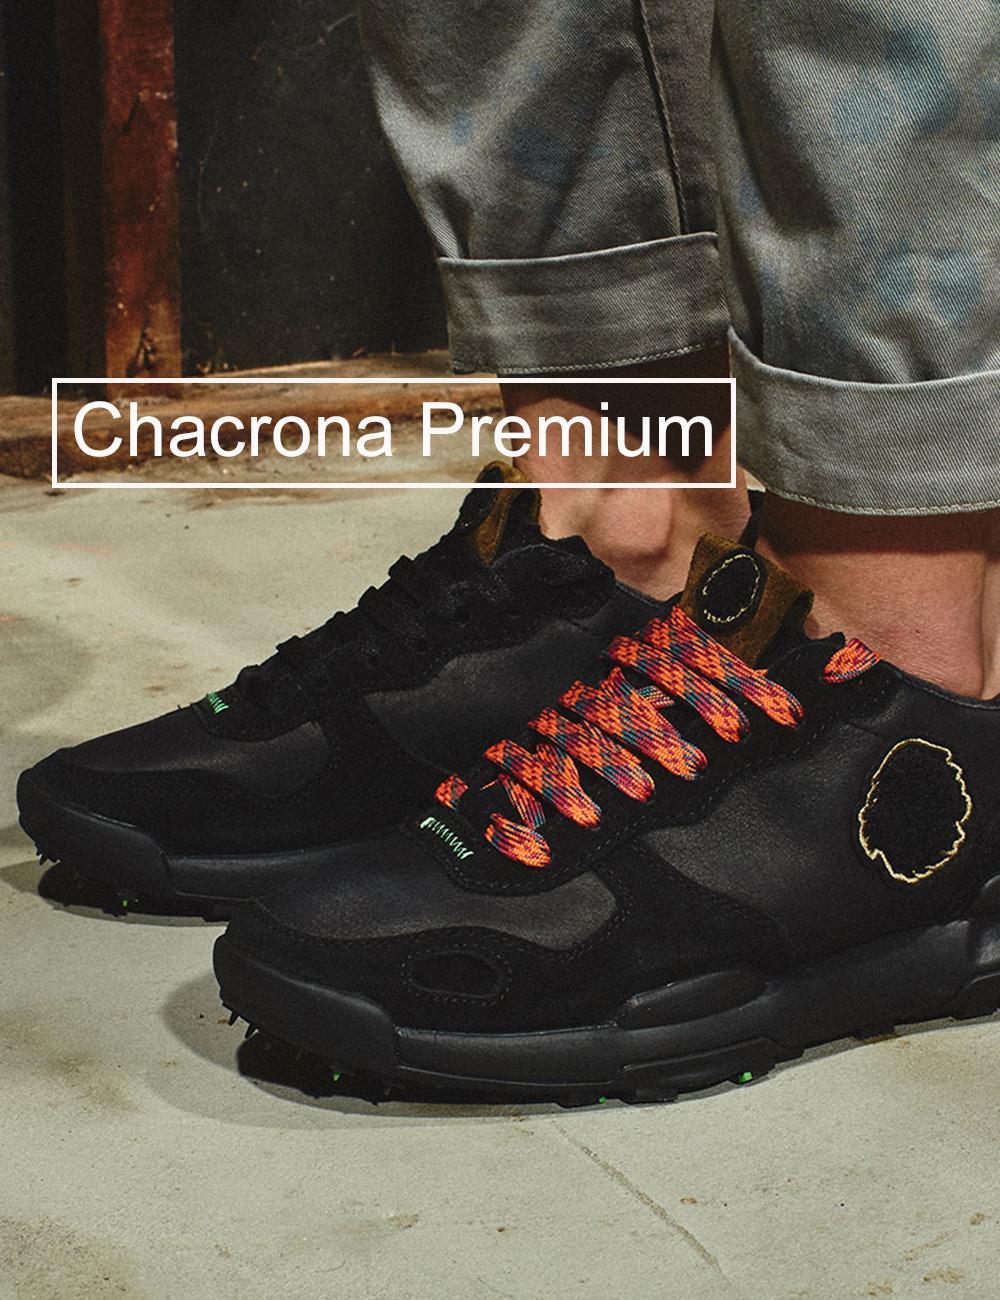 chacrona